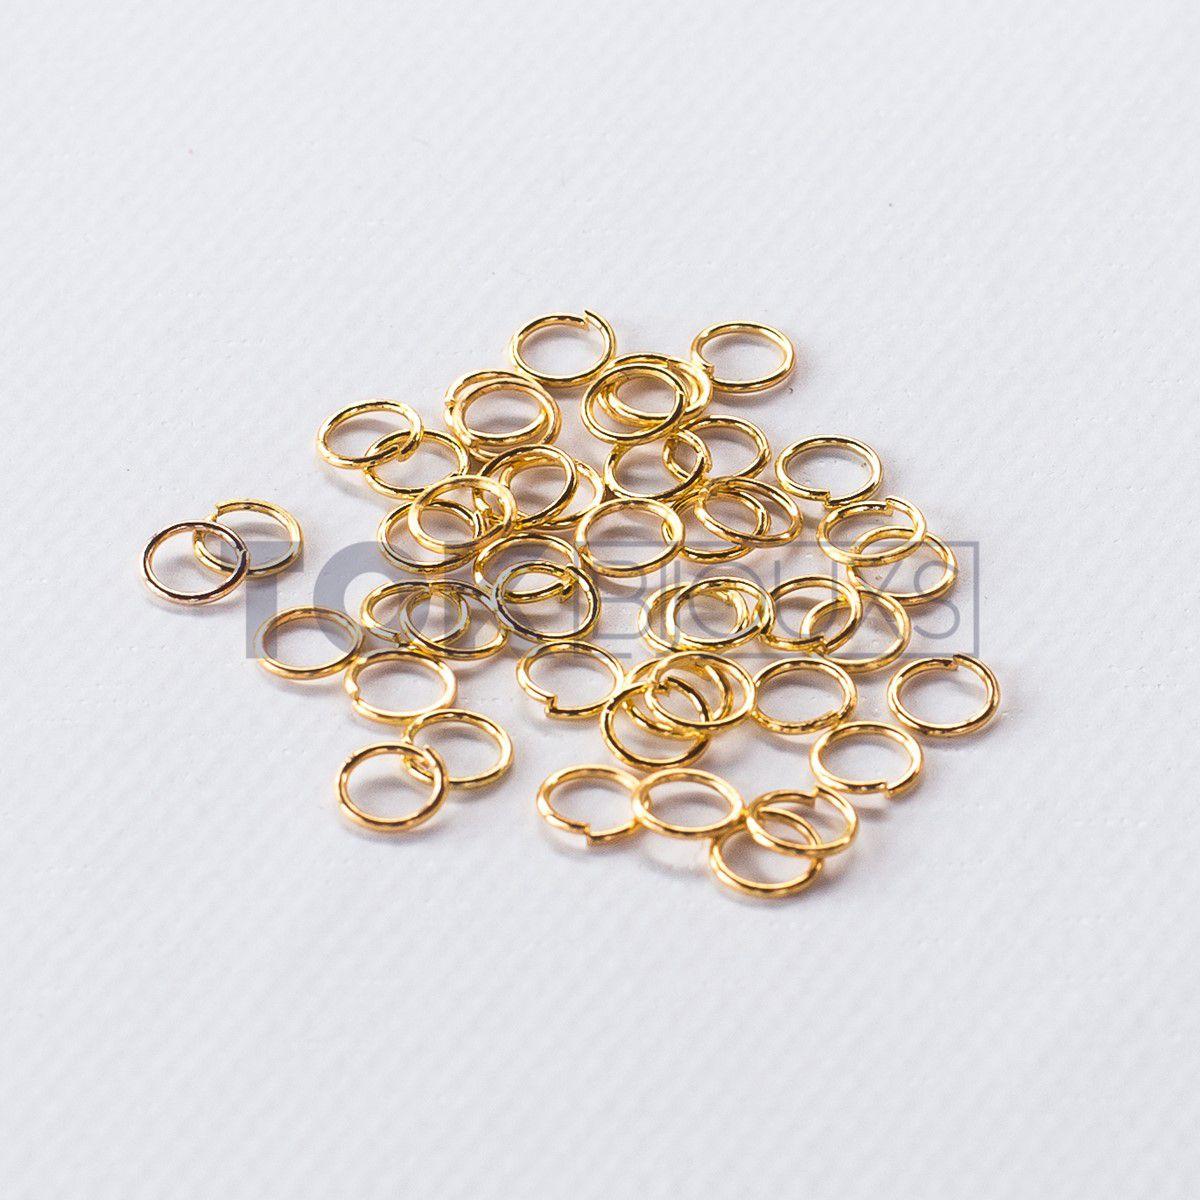 Argola De Ferro 4mm - Dourado - 25g